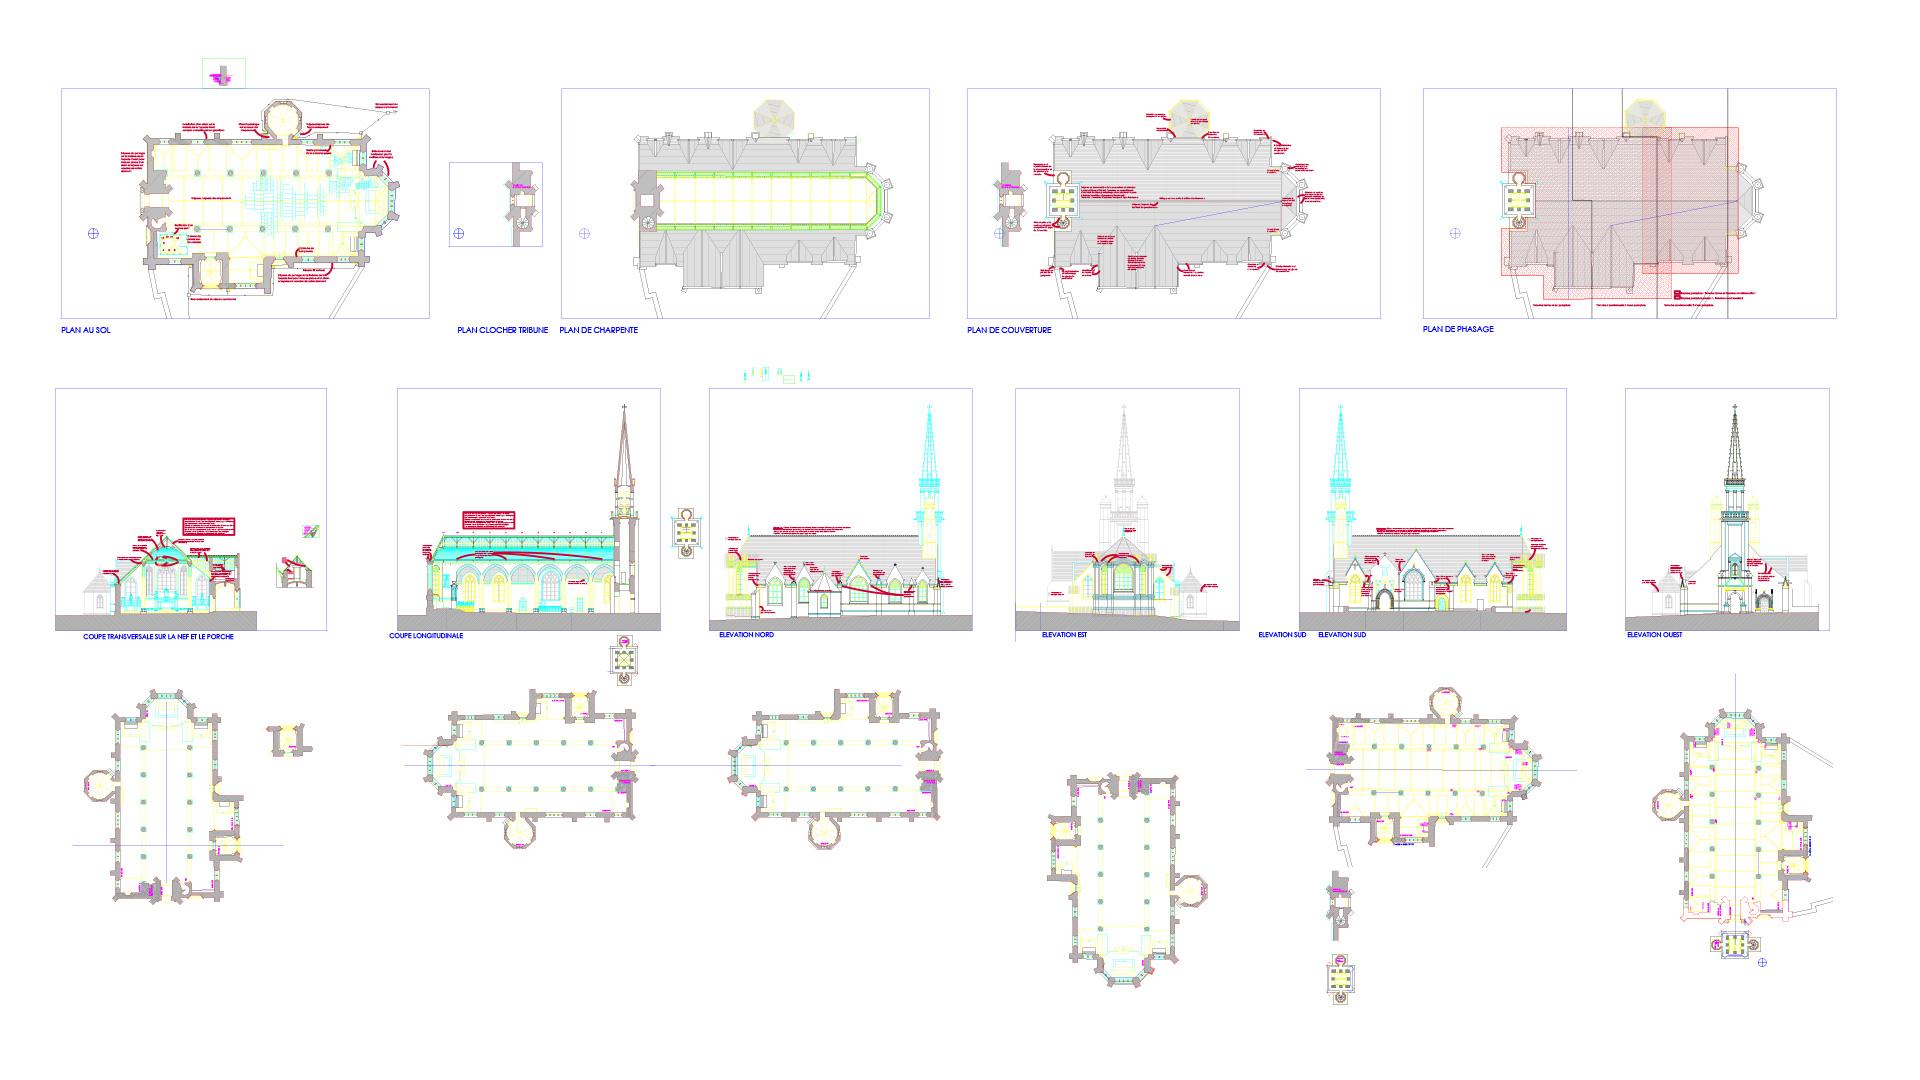 Le Graphiste 3D - Modélisation 3D - Plan 2D de l'église Saint-Maudet, Le Juch, Bretagne